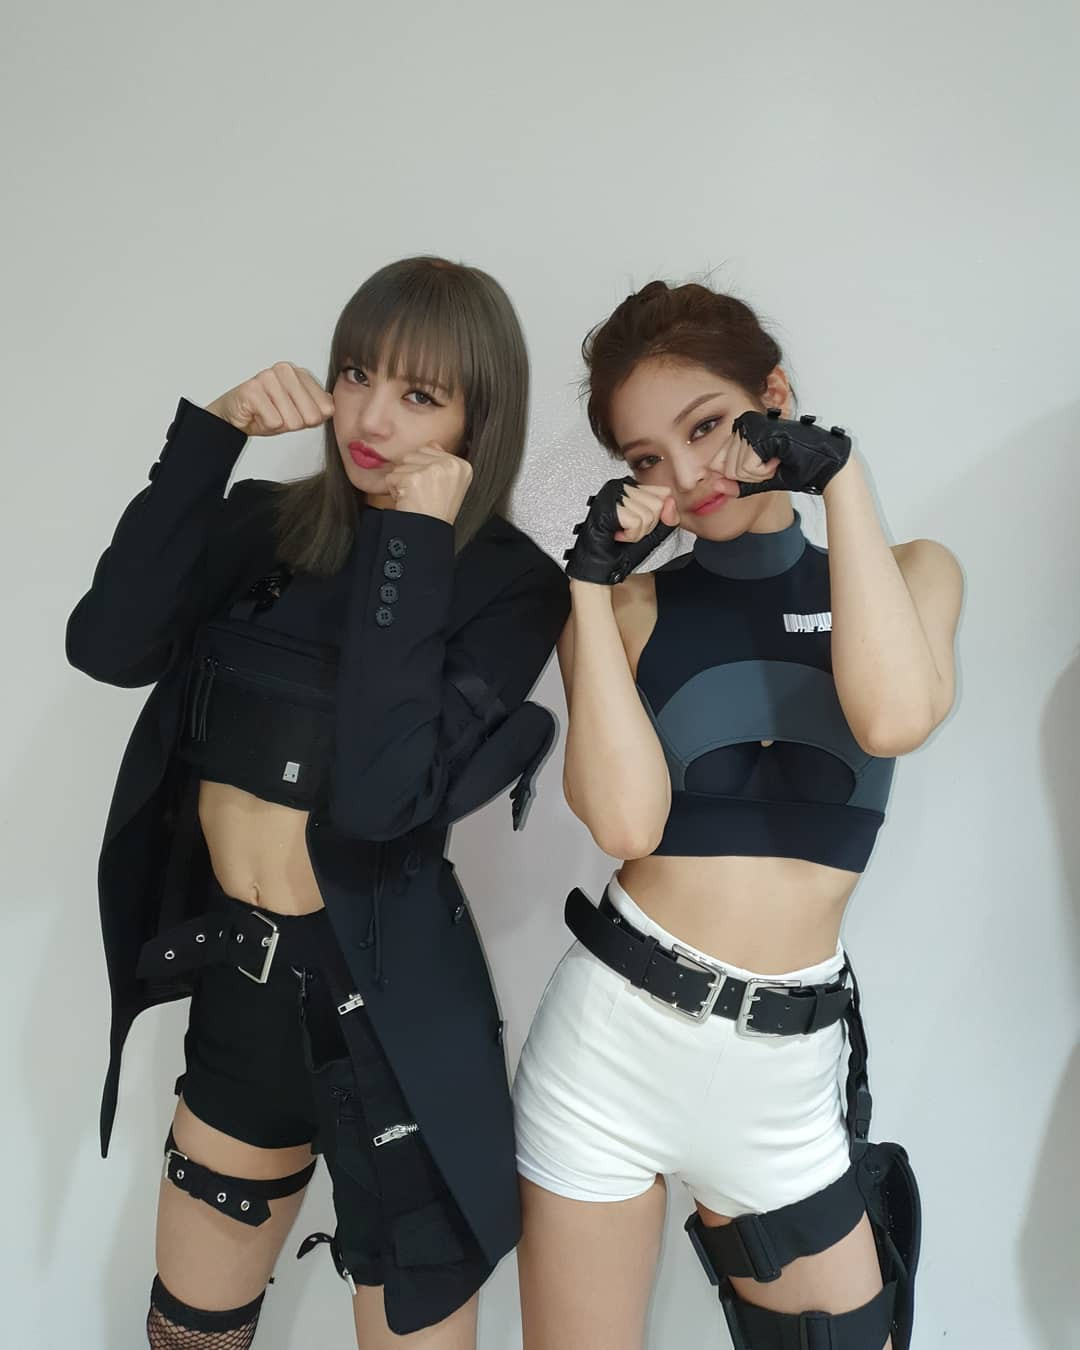 Nhìn Jennie đứng cạnh Lisa này, ai dám bảo Jennie chân to body không chuẩn? - Ảnh 3.